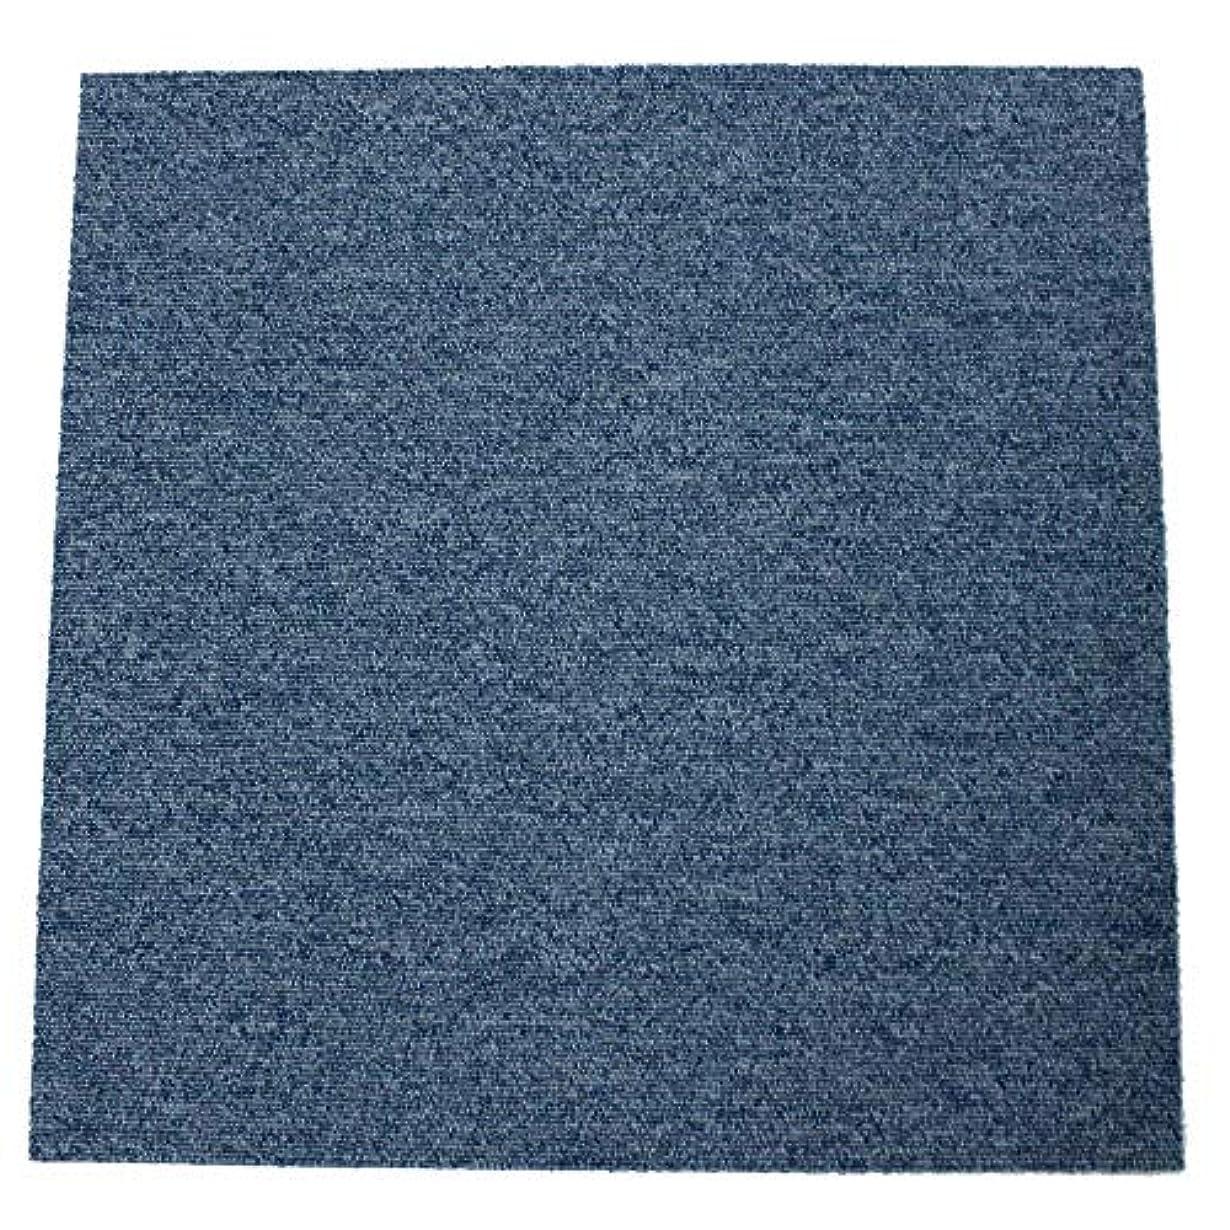 種をまく家庭失態タイルカーペット MJ-1010 50×50cm ブルー 20枚入 13277979